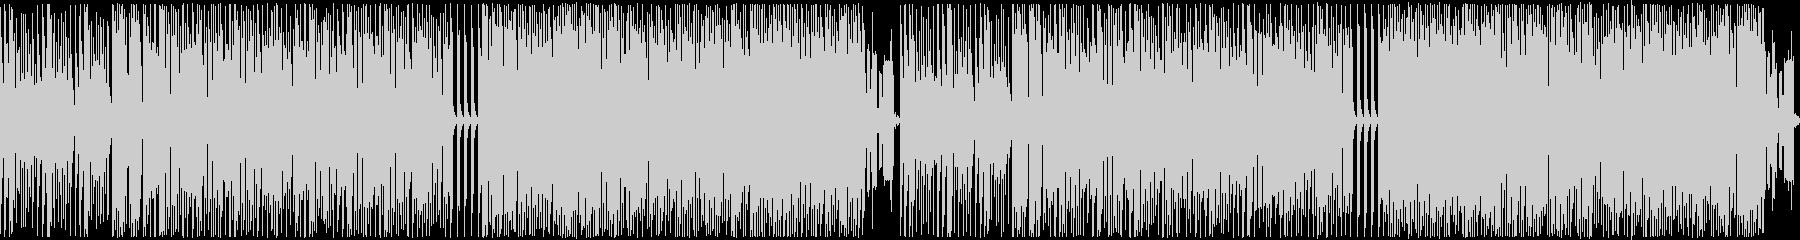 8bitファミコンオープニング【ループ】の未再生の波形